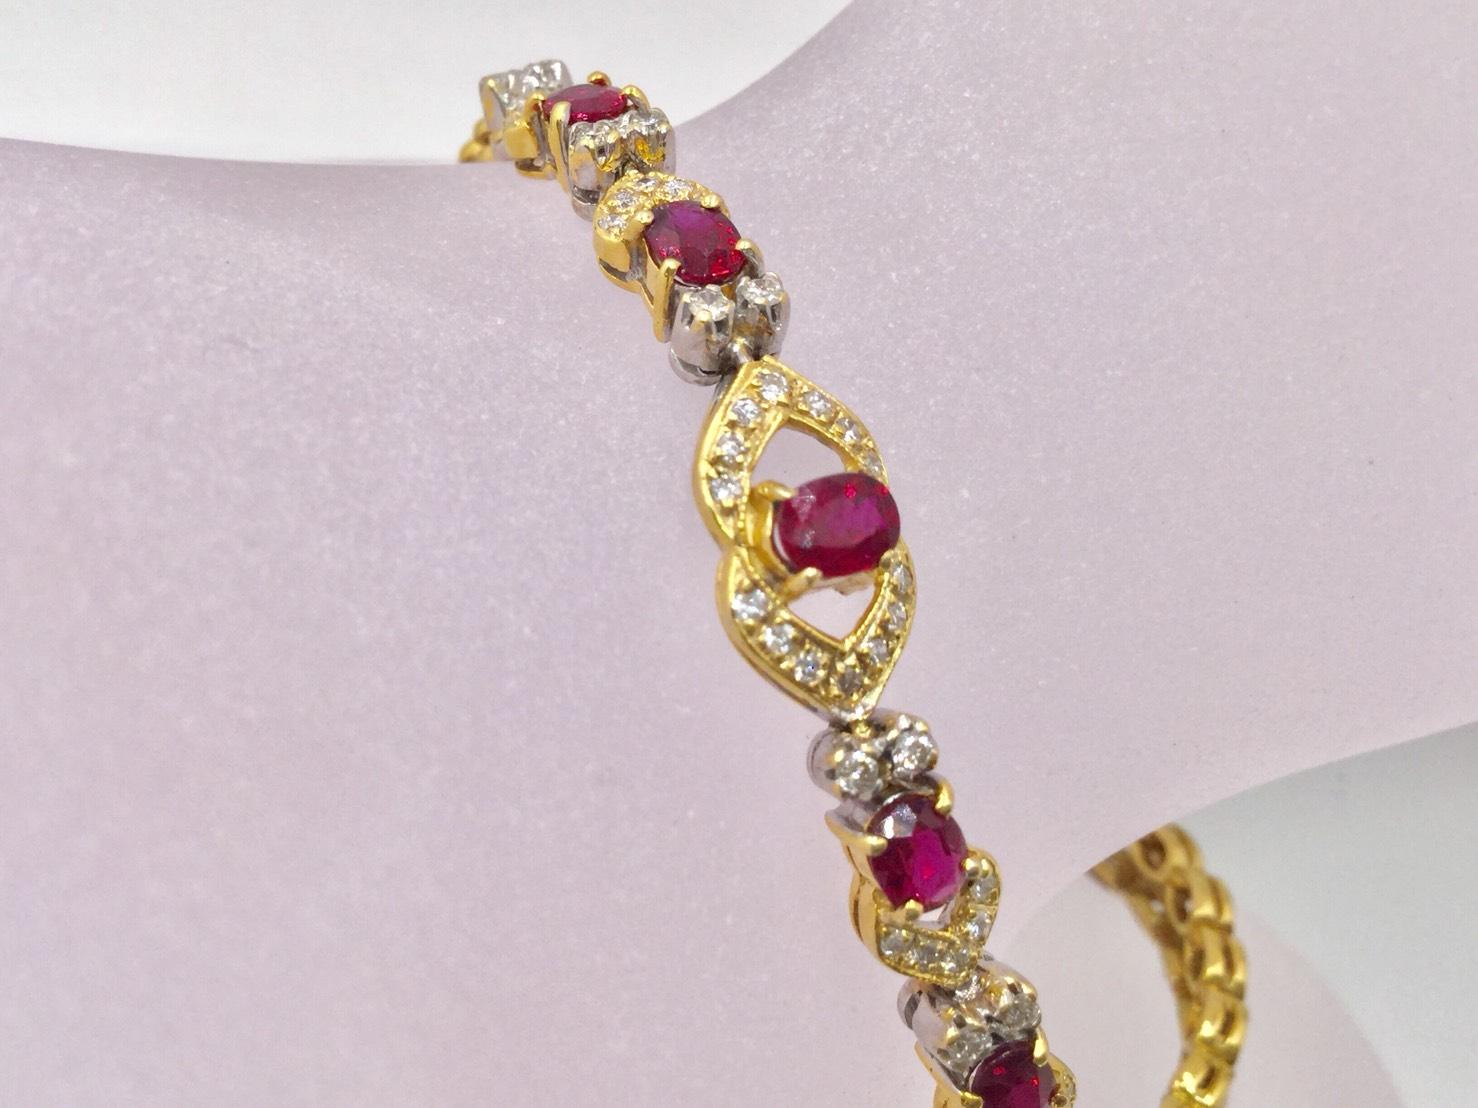 天然無燒 紅寶石 750 黃K金 鑽石手鍊 紅寶5P約1.65克拉 鑽石46P 合計1.02克拉 重9.39克 $20000